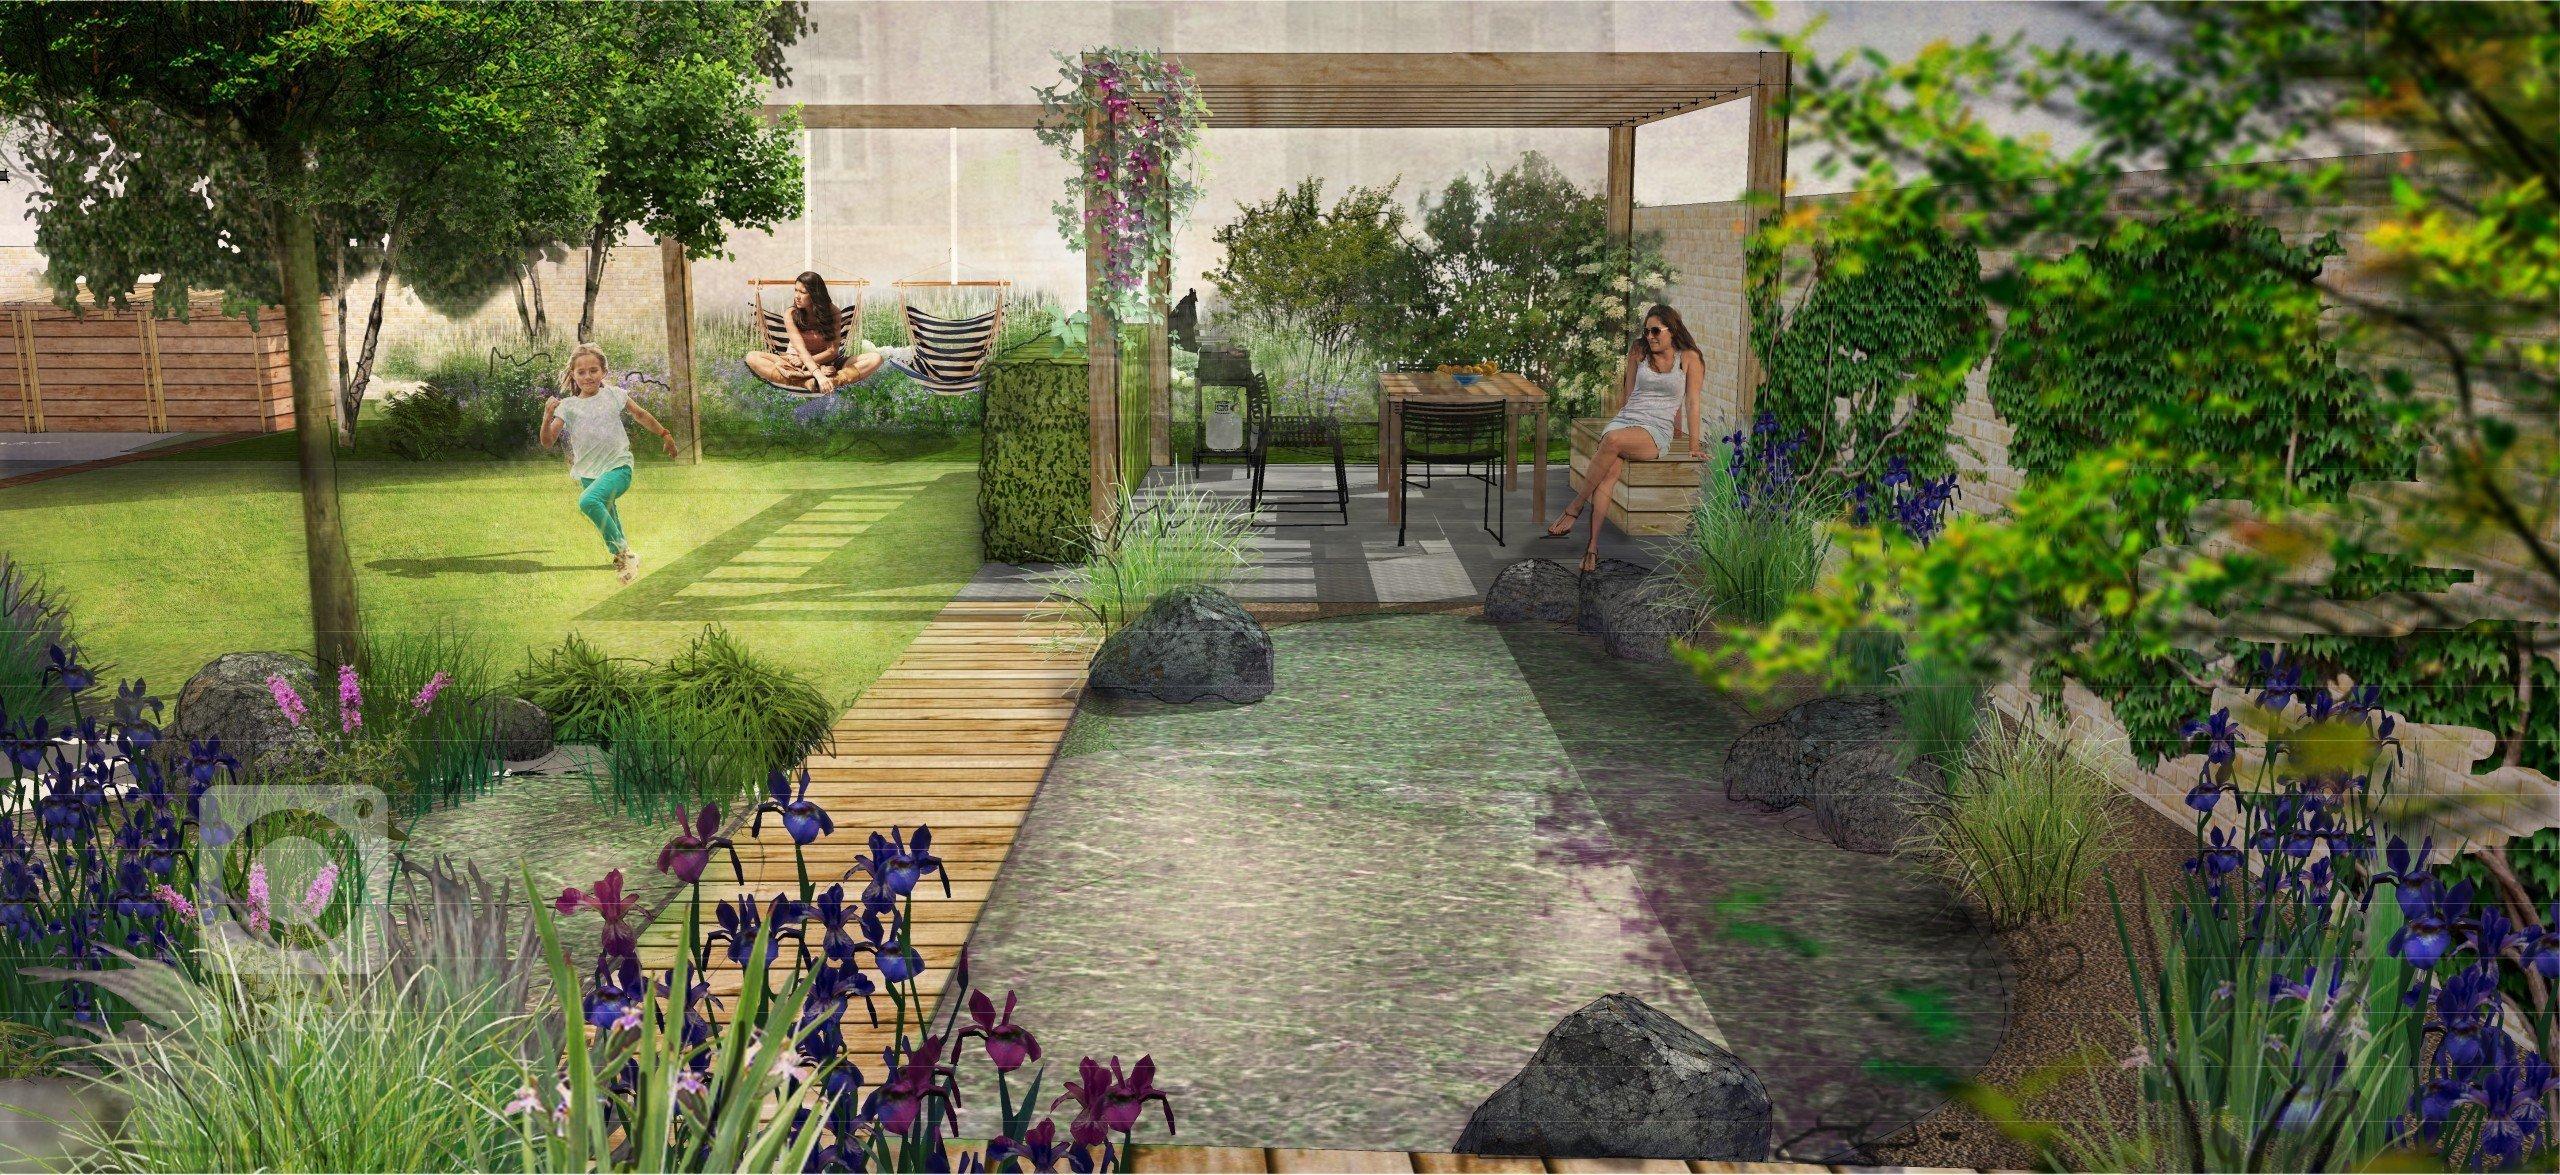 Zahrada má sloužit jako rozšířená místnost domu pod širou oblohou. I přes relativně malou plochu dvorku (14 x 17 m) se nám podařilo vnést do návrhu mnohá příjemná zákoutí.